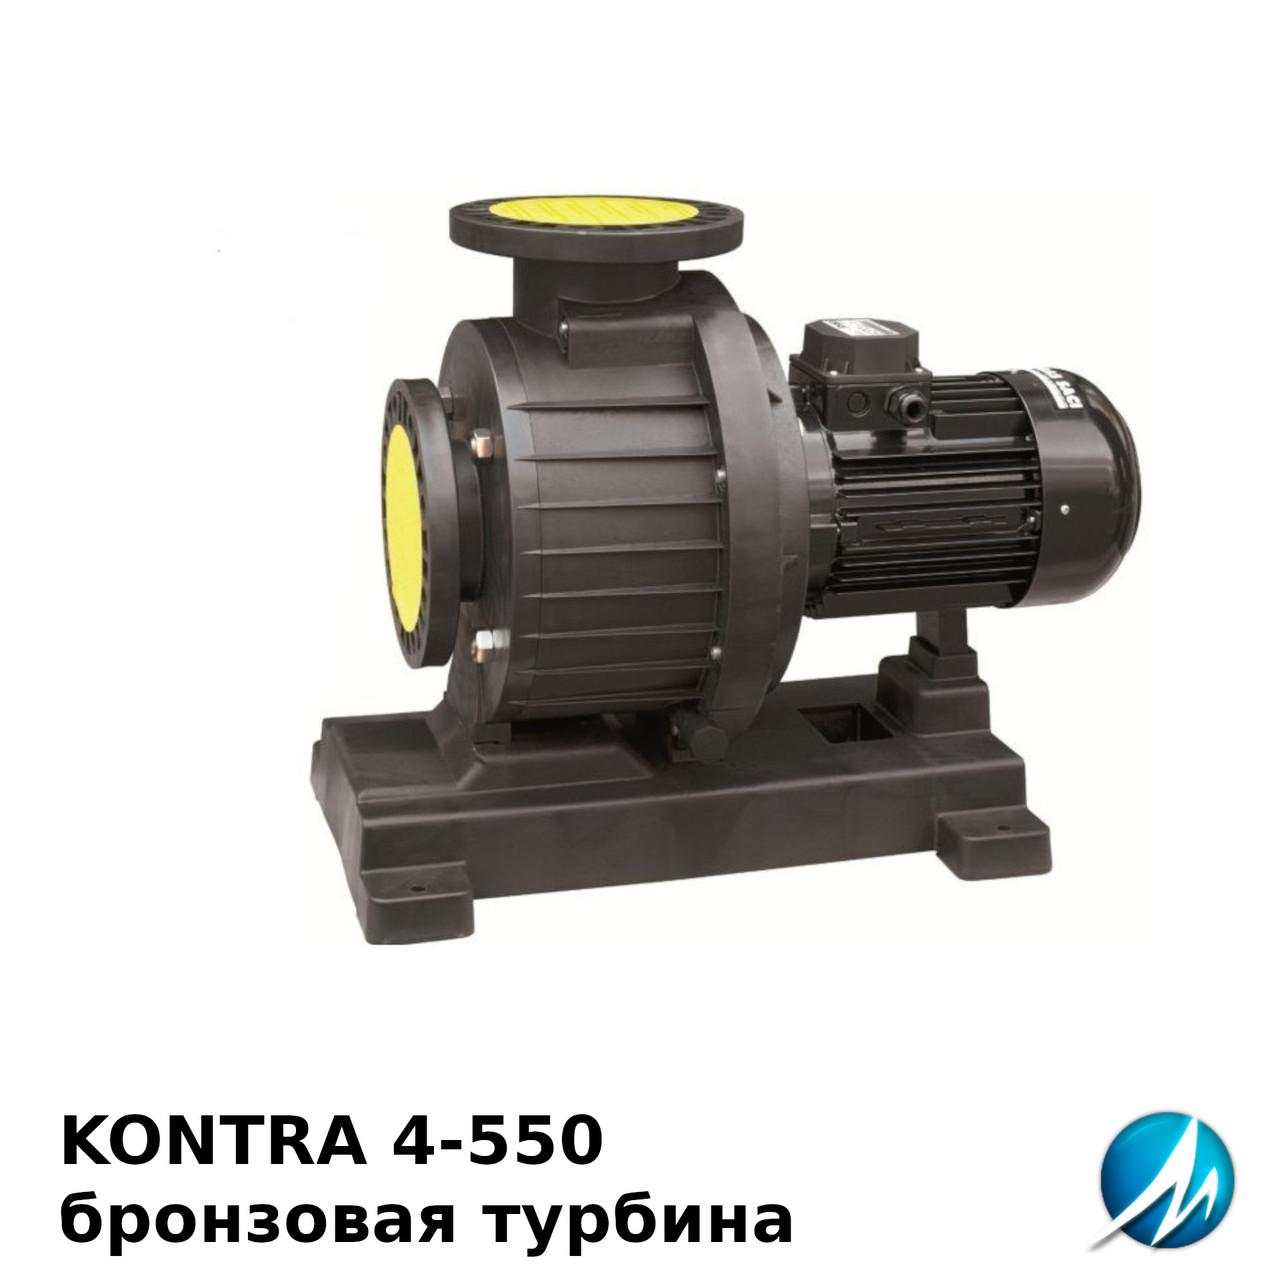 Насос Saci KONTRA 4-550 (400 В, 84.0 м3/год) без передфільтру, бронзова турбіна